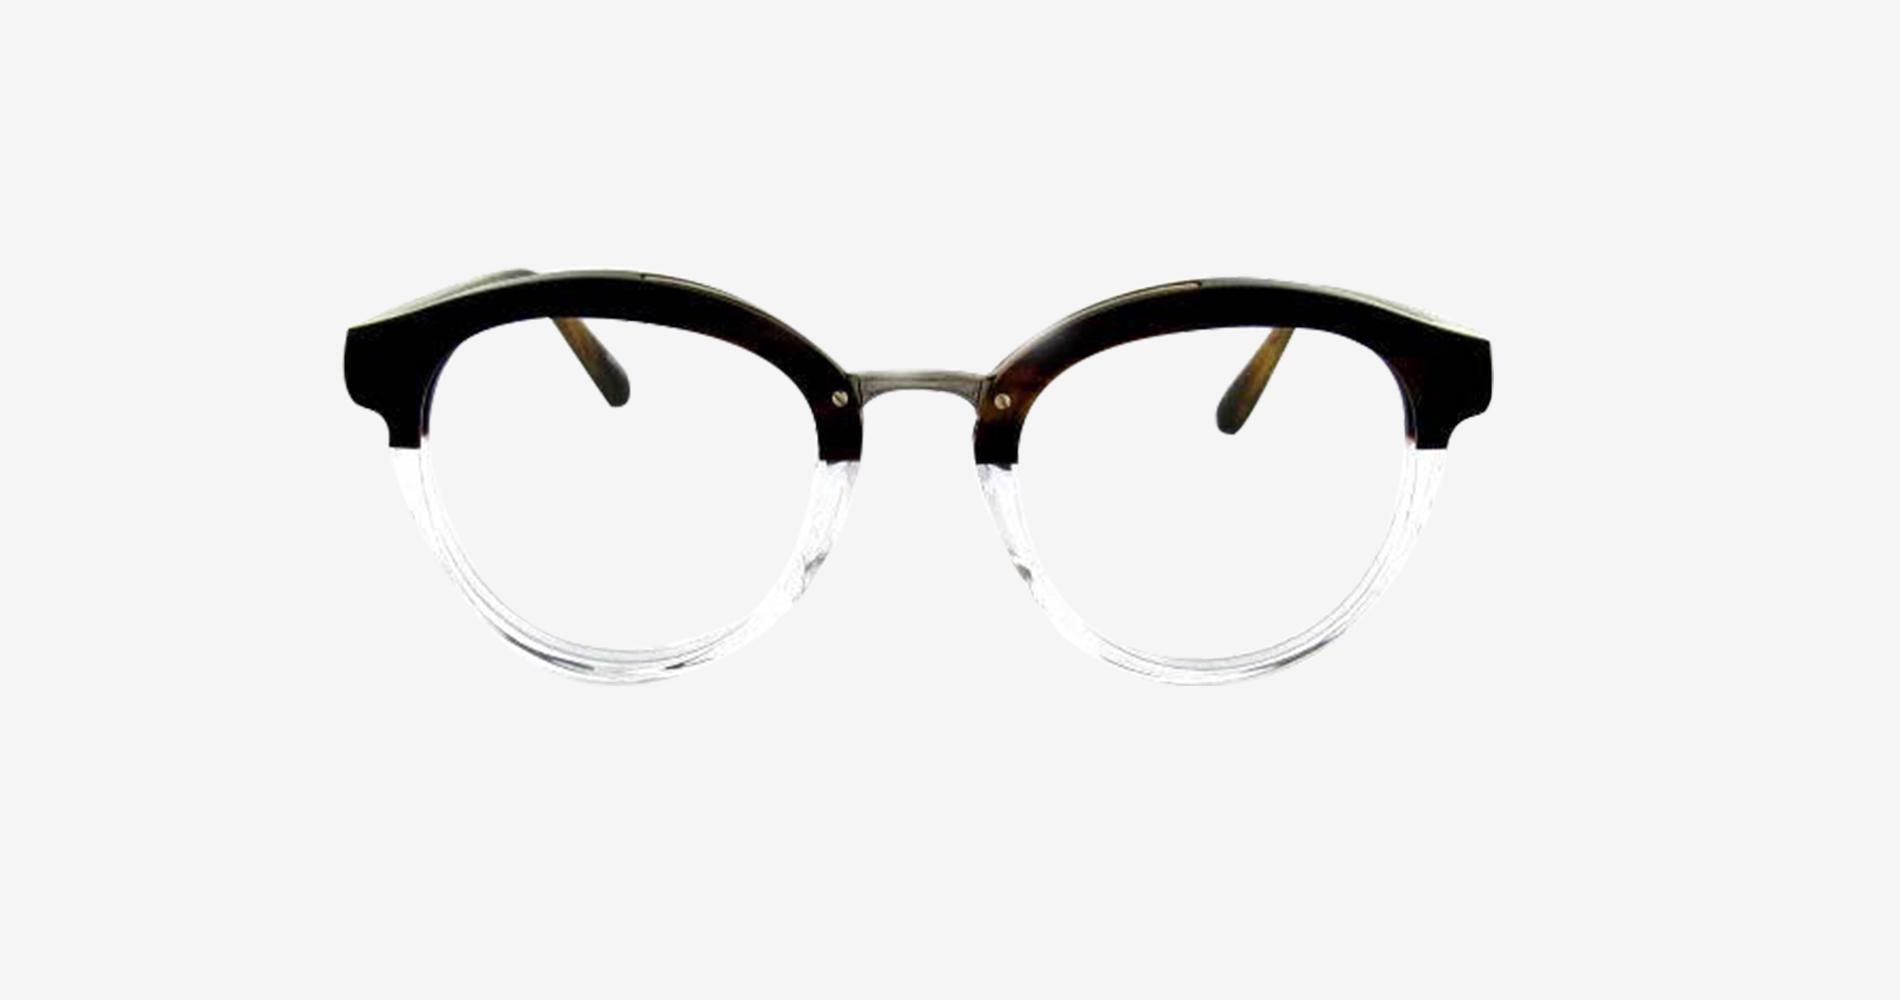 L'art de choisir de belles lunettes